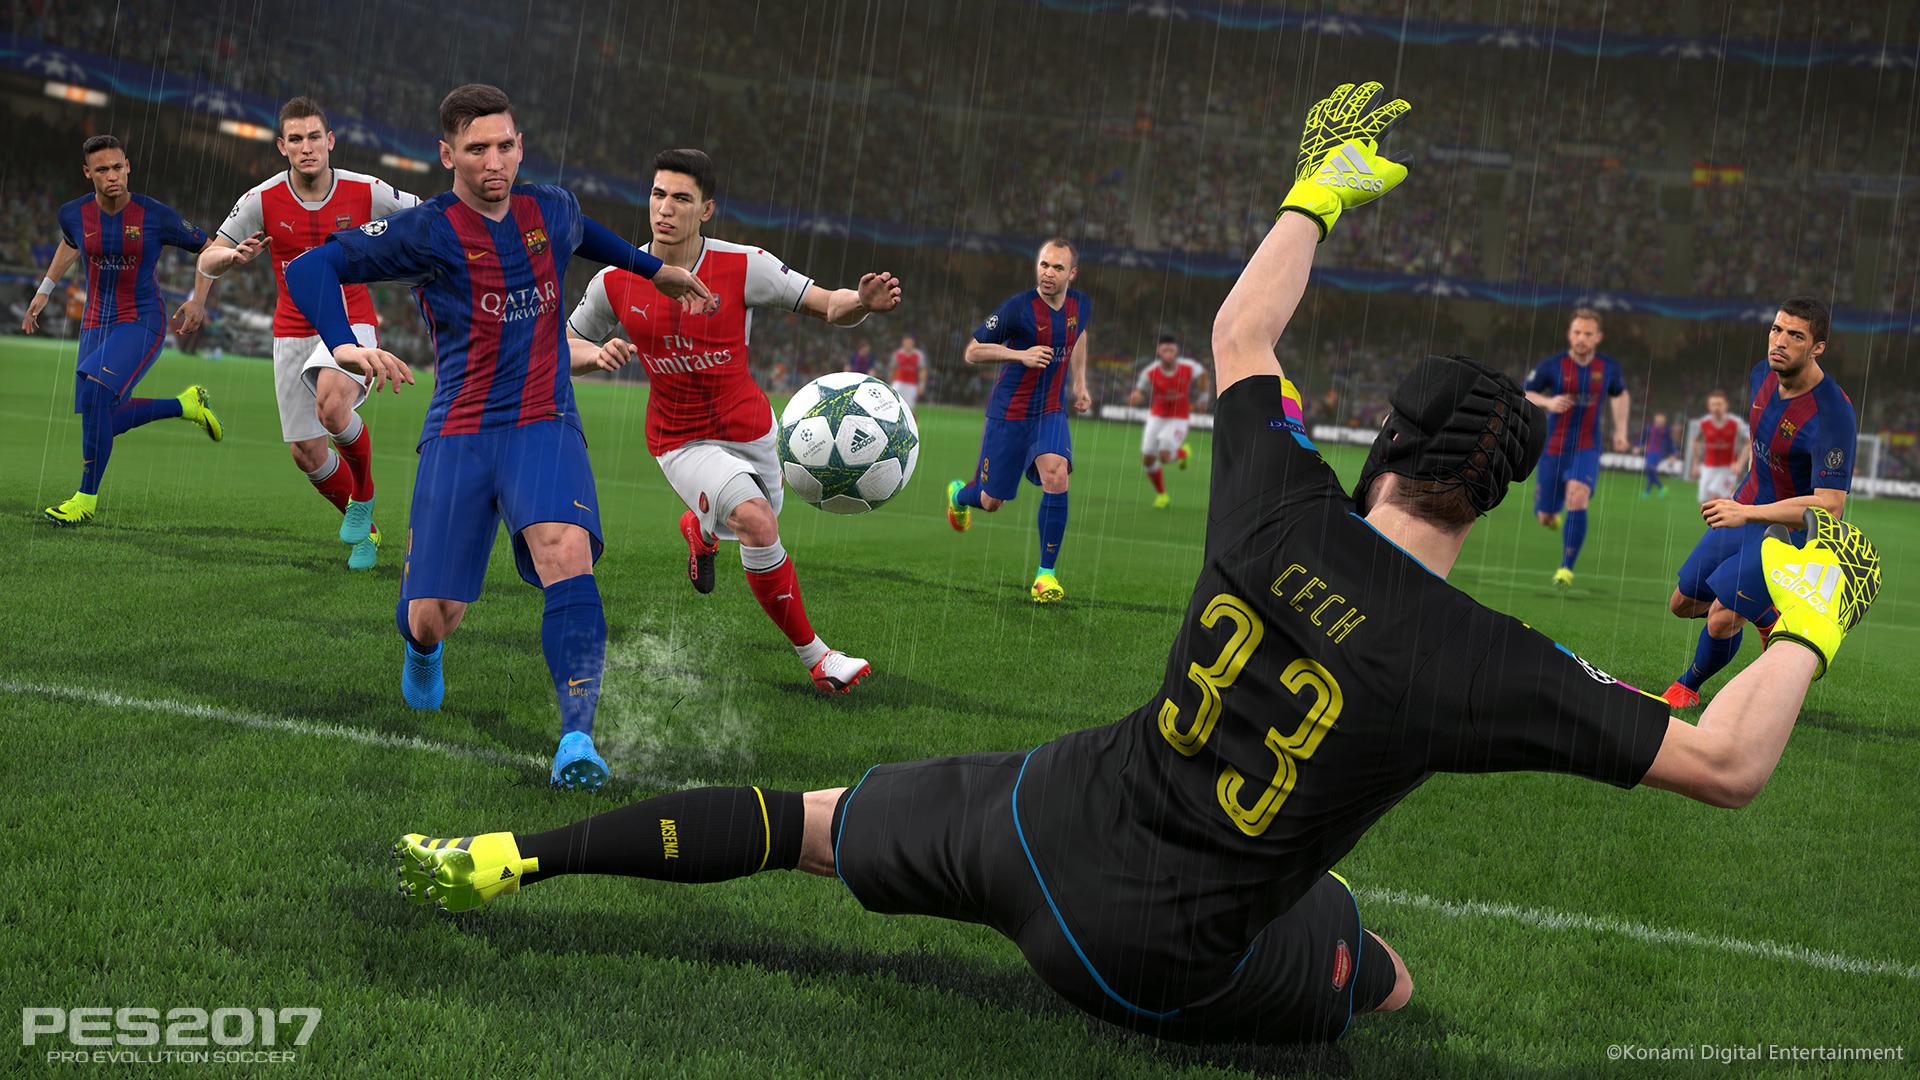 Hráči Barcelony hvězdami PES 2017 127702